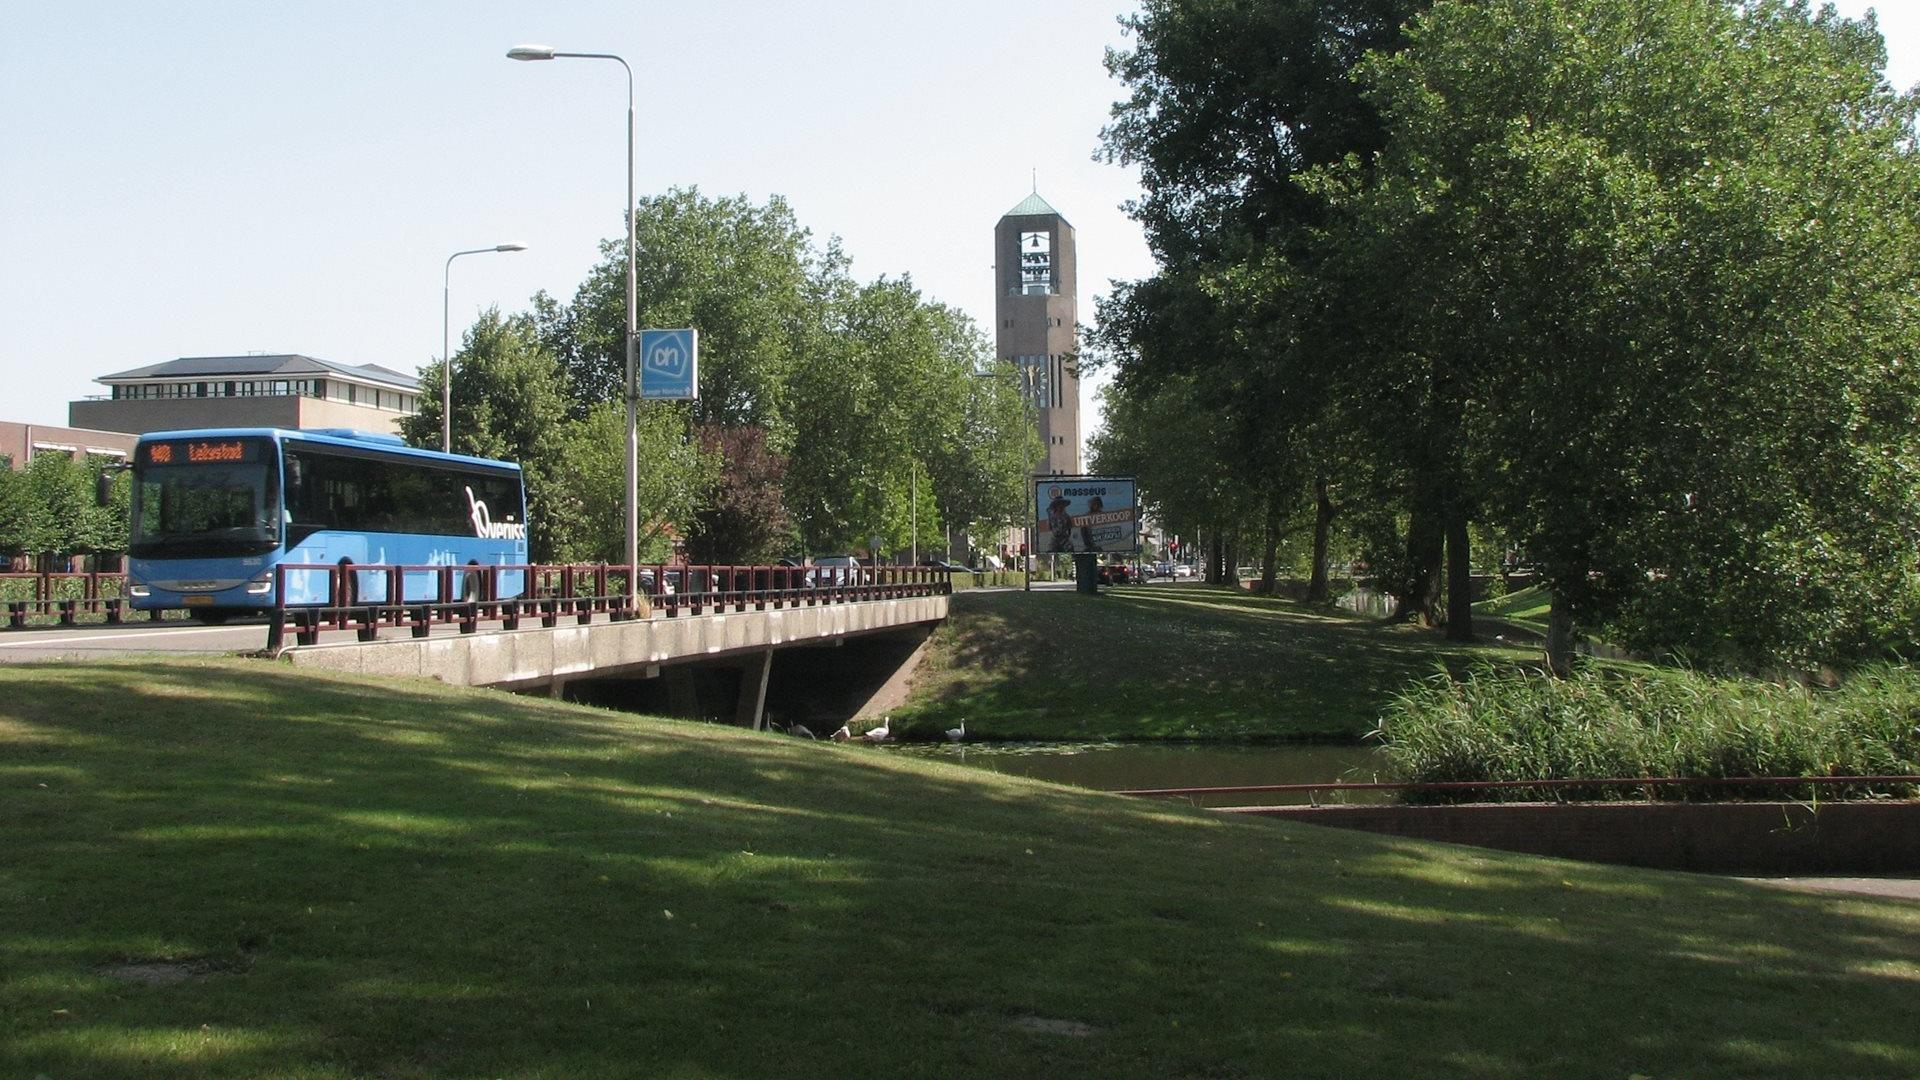 Blauwe bus in Emmeloord